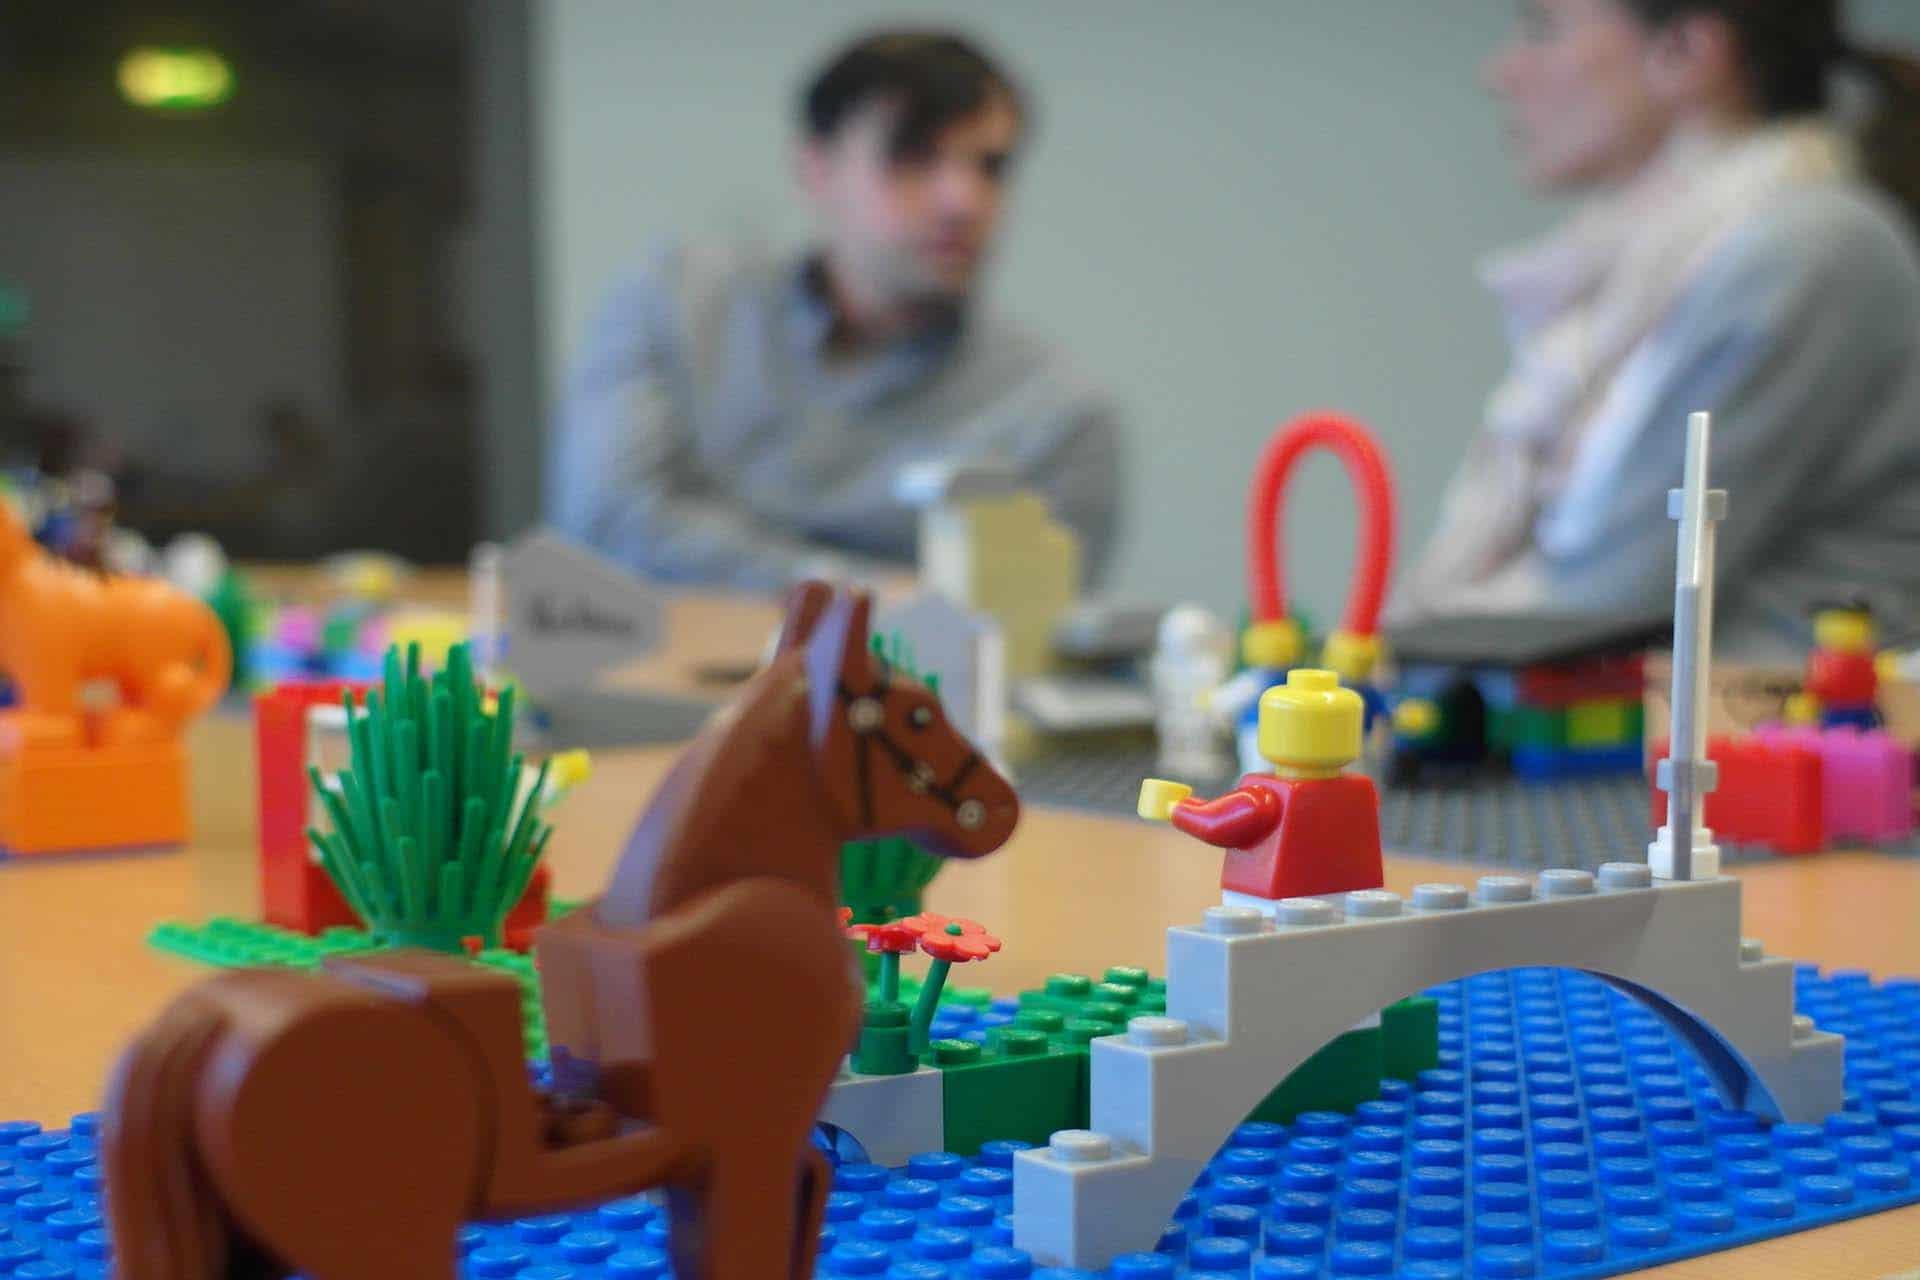 t2informatik Blog: Lego im Unternehmen